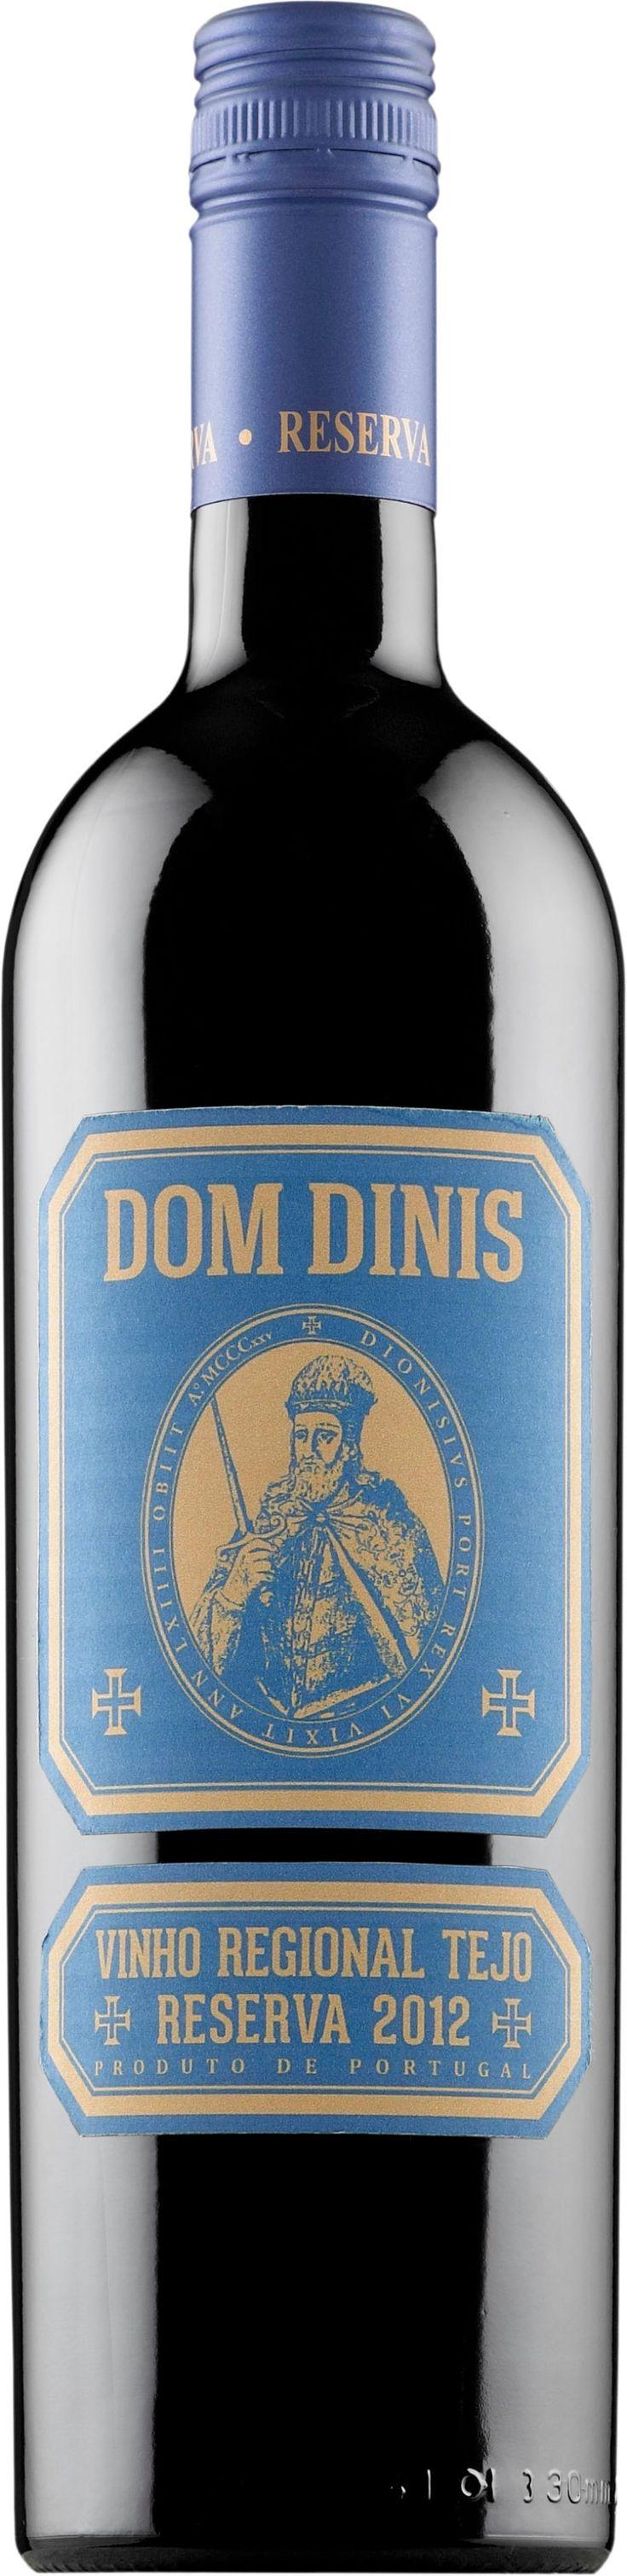 Dom Dinis Reserva Tinto 2014. Portugal: Castelão, Tinta Miúda. 9,99 €. Mehevä ja hilloinen: Täyteläinen, keskitanniininen, tumman kirsikkainen, karpalohilloinen, luumuinen, mausteinen